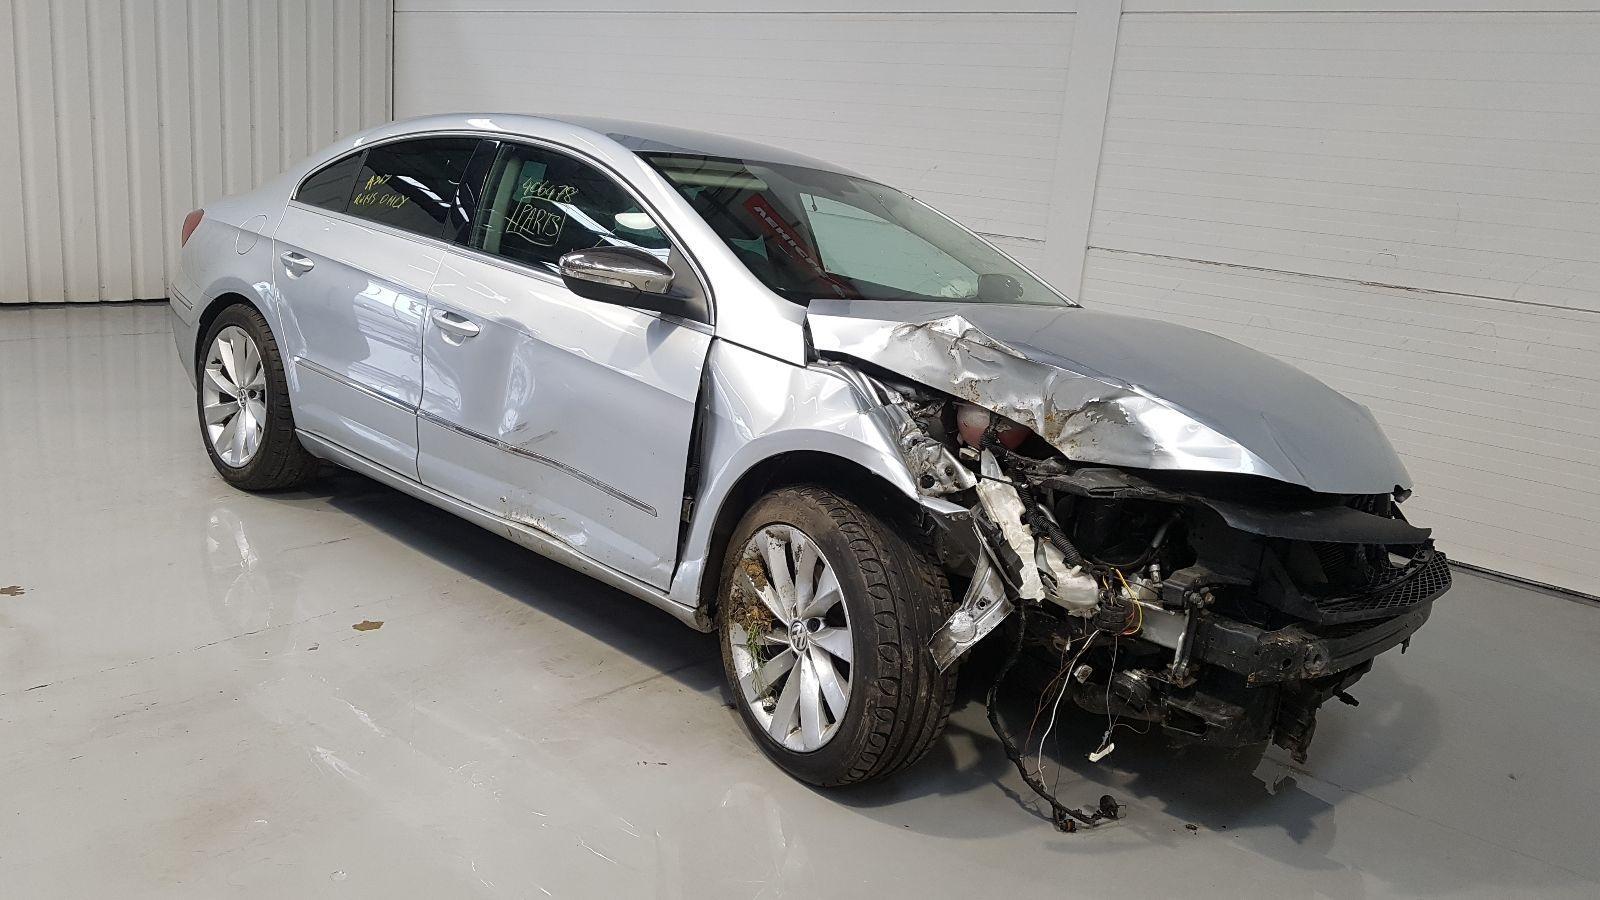 Image for a Volkswagen Passat Cc 2014 4 Door Coupe Breaking